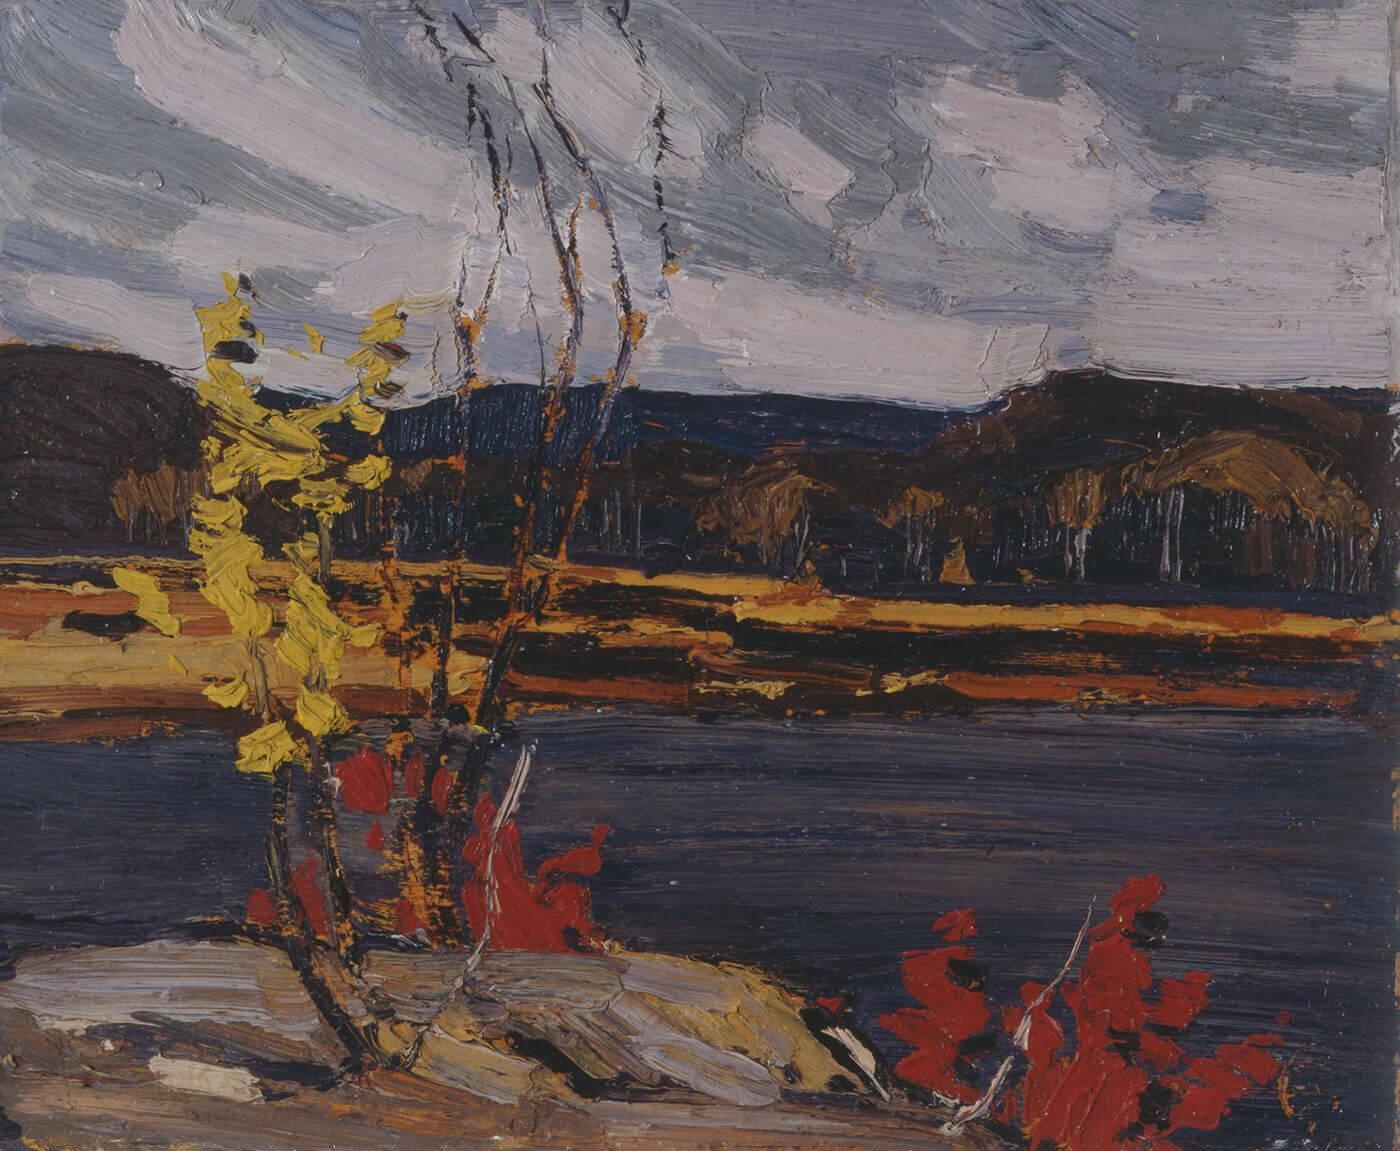 Tom Thomson, Autumn, Algonquin Park, 1916